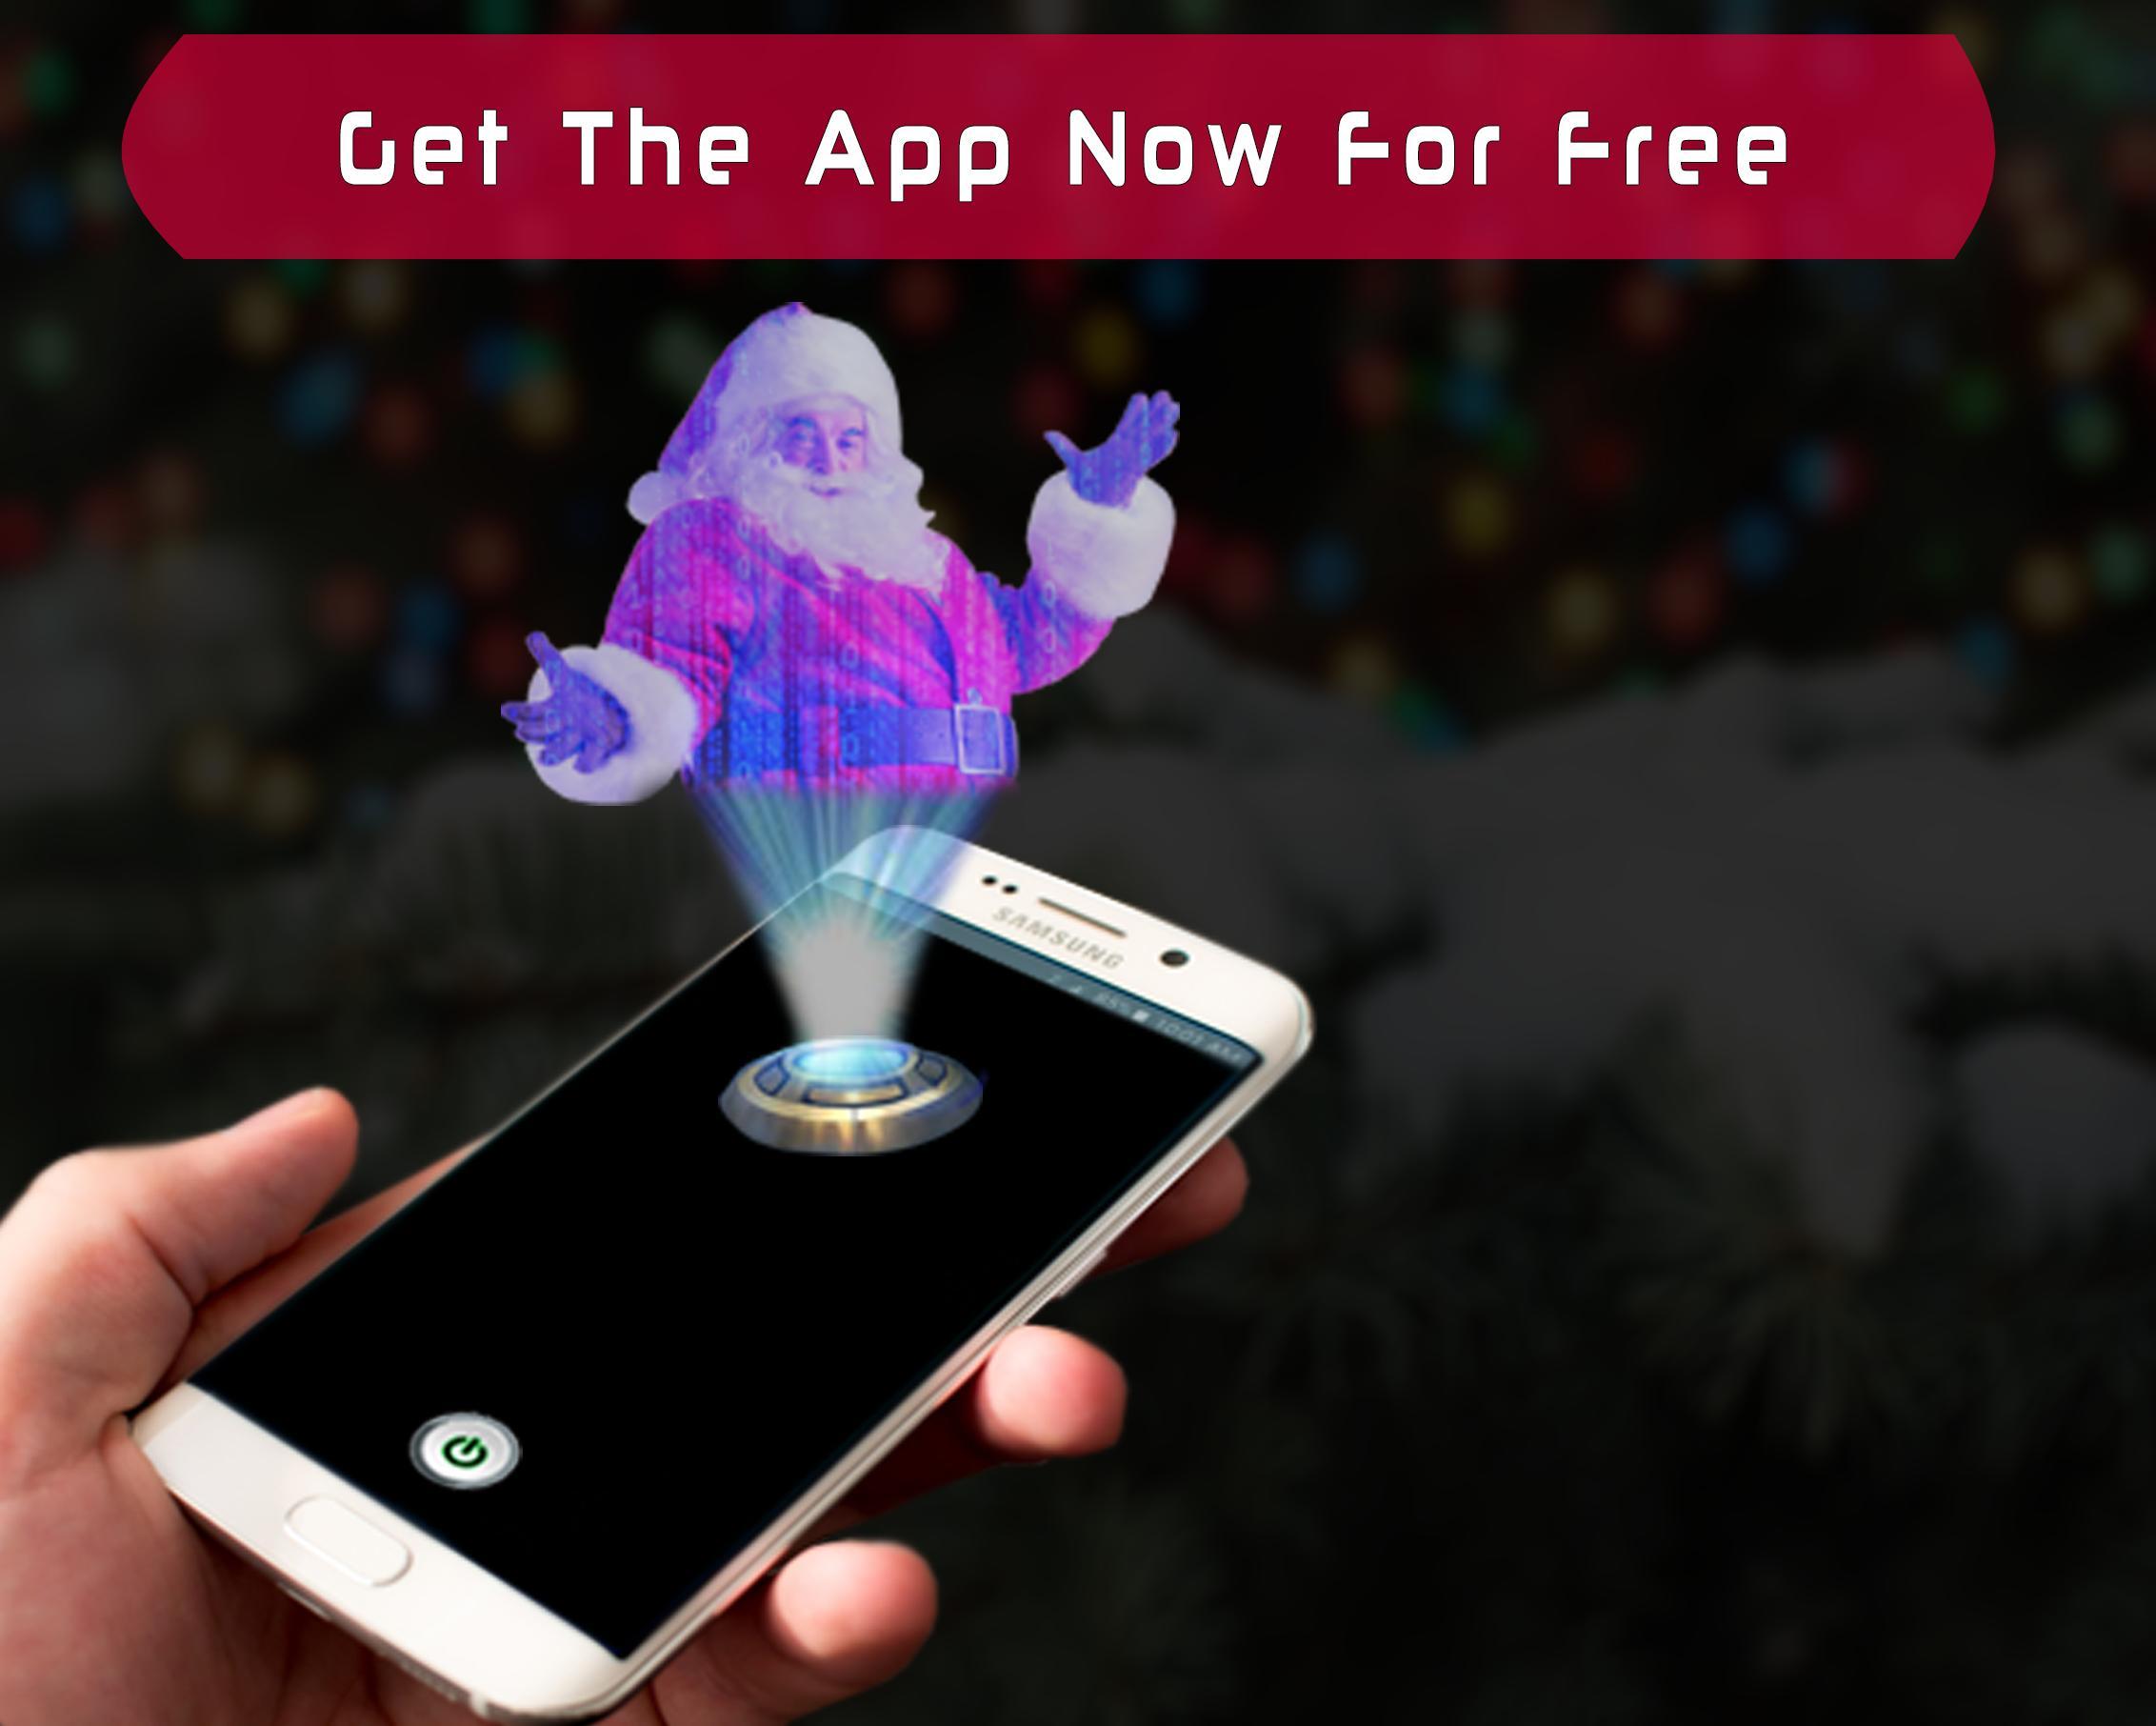 Real Santa Hologram 3D Joke for Android - APK Download